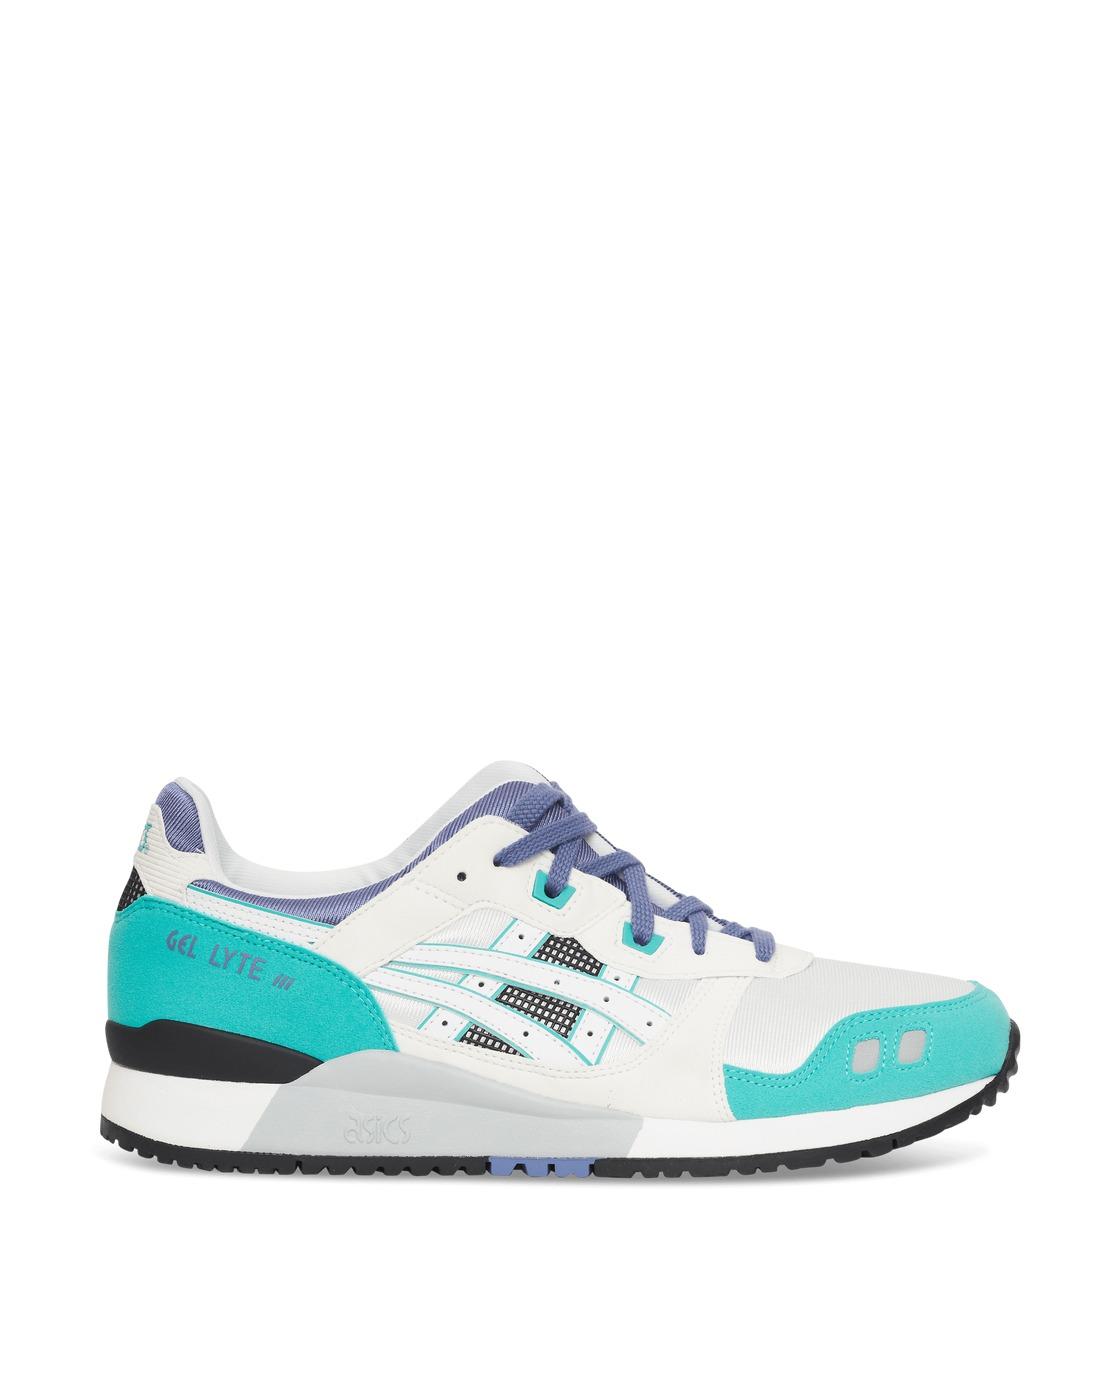 Asics Gel Lyte Iii Og Sneakers White/Blue